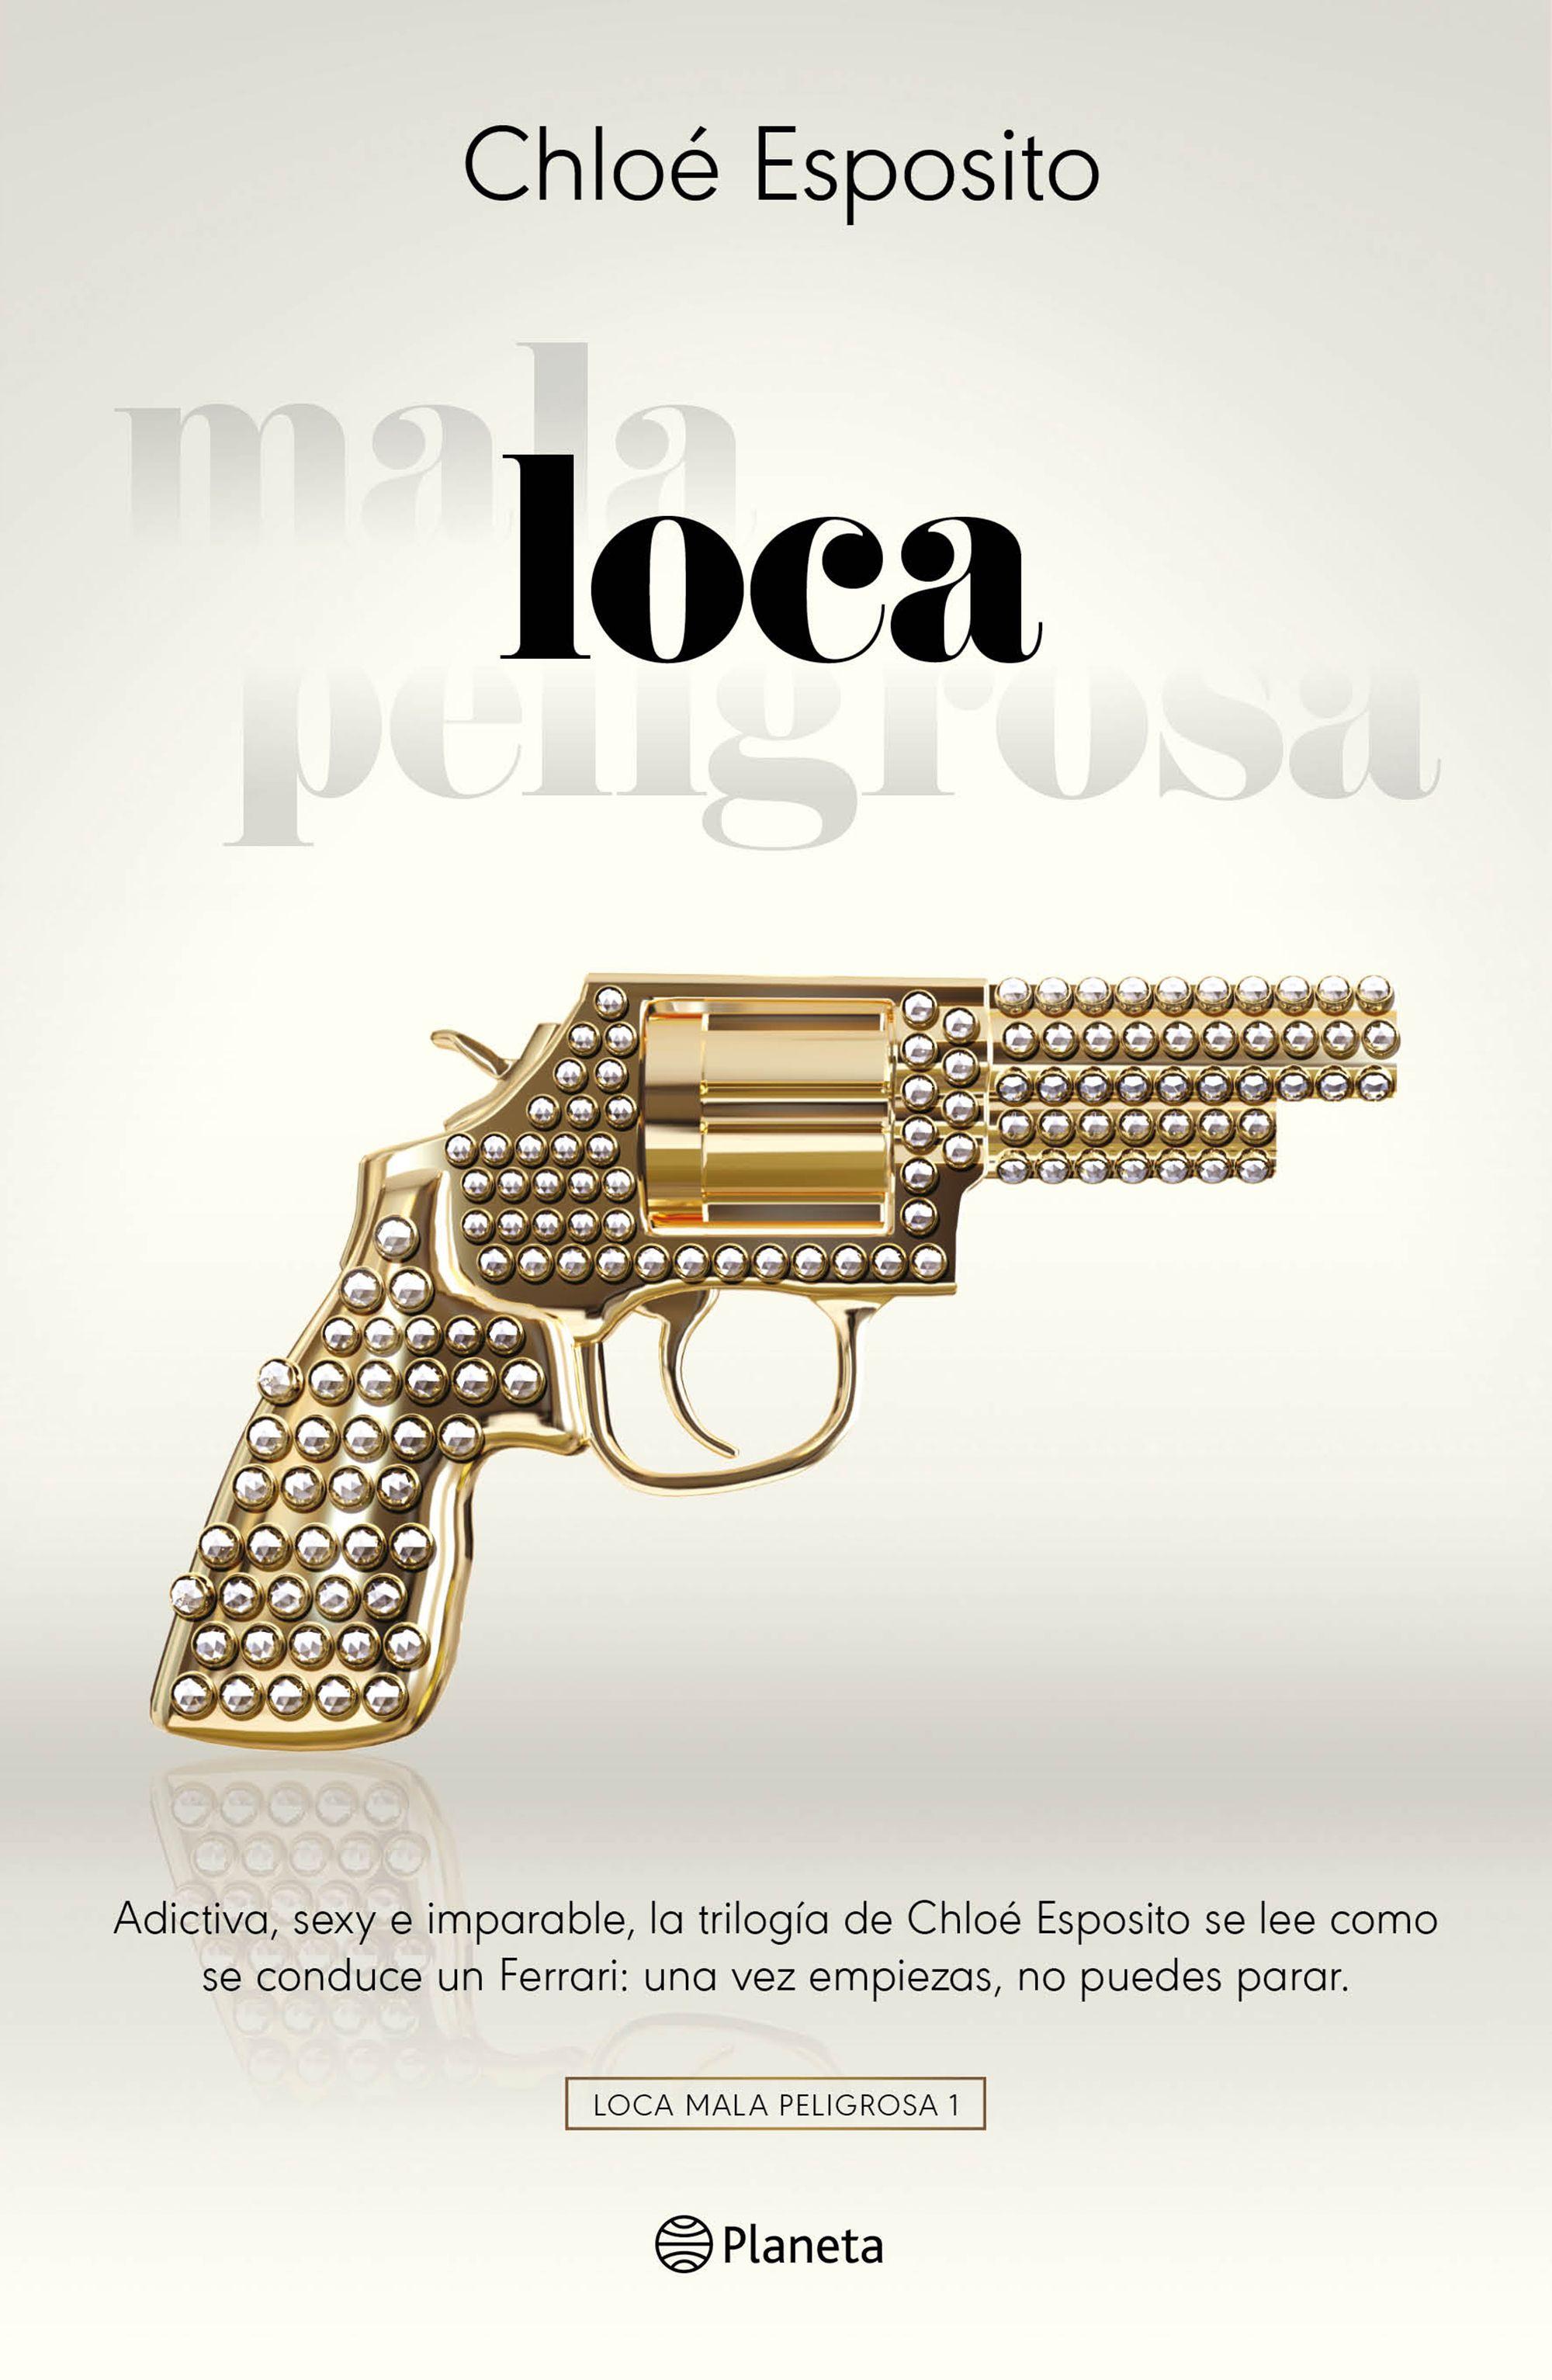 https://static2planetadelibroscom.cdnstatics.com/usuaris/libros/fotos/263/original/portada_loca_chloe-esposito_201711271103.jpg